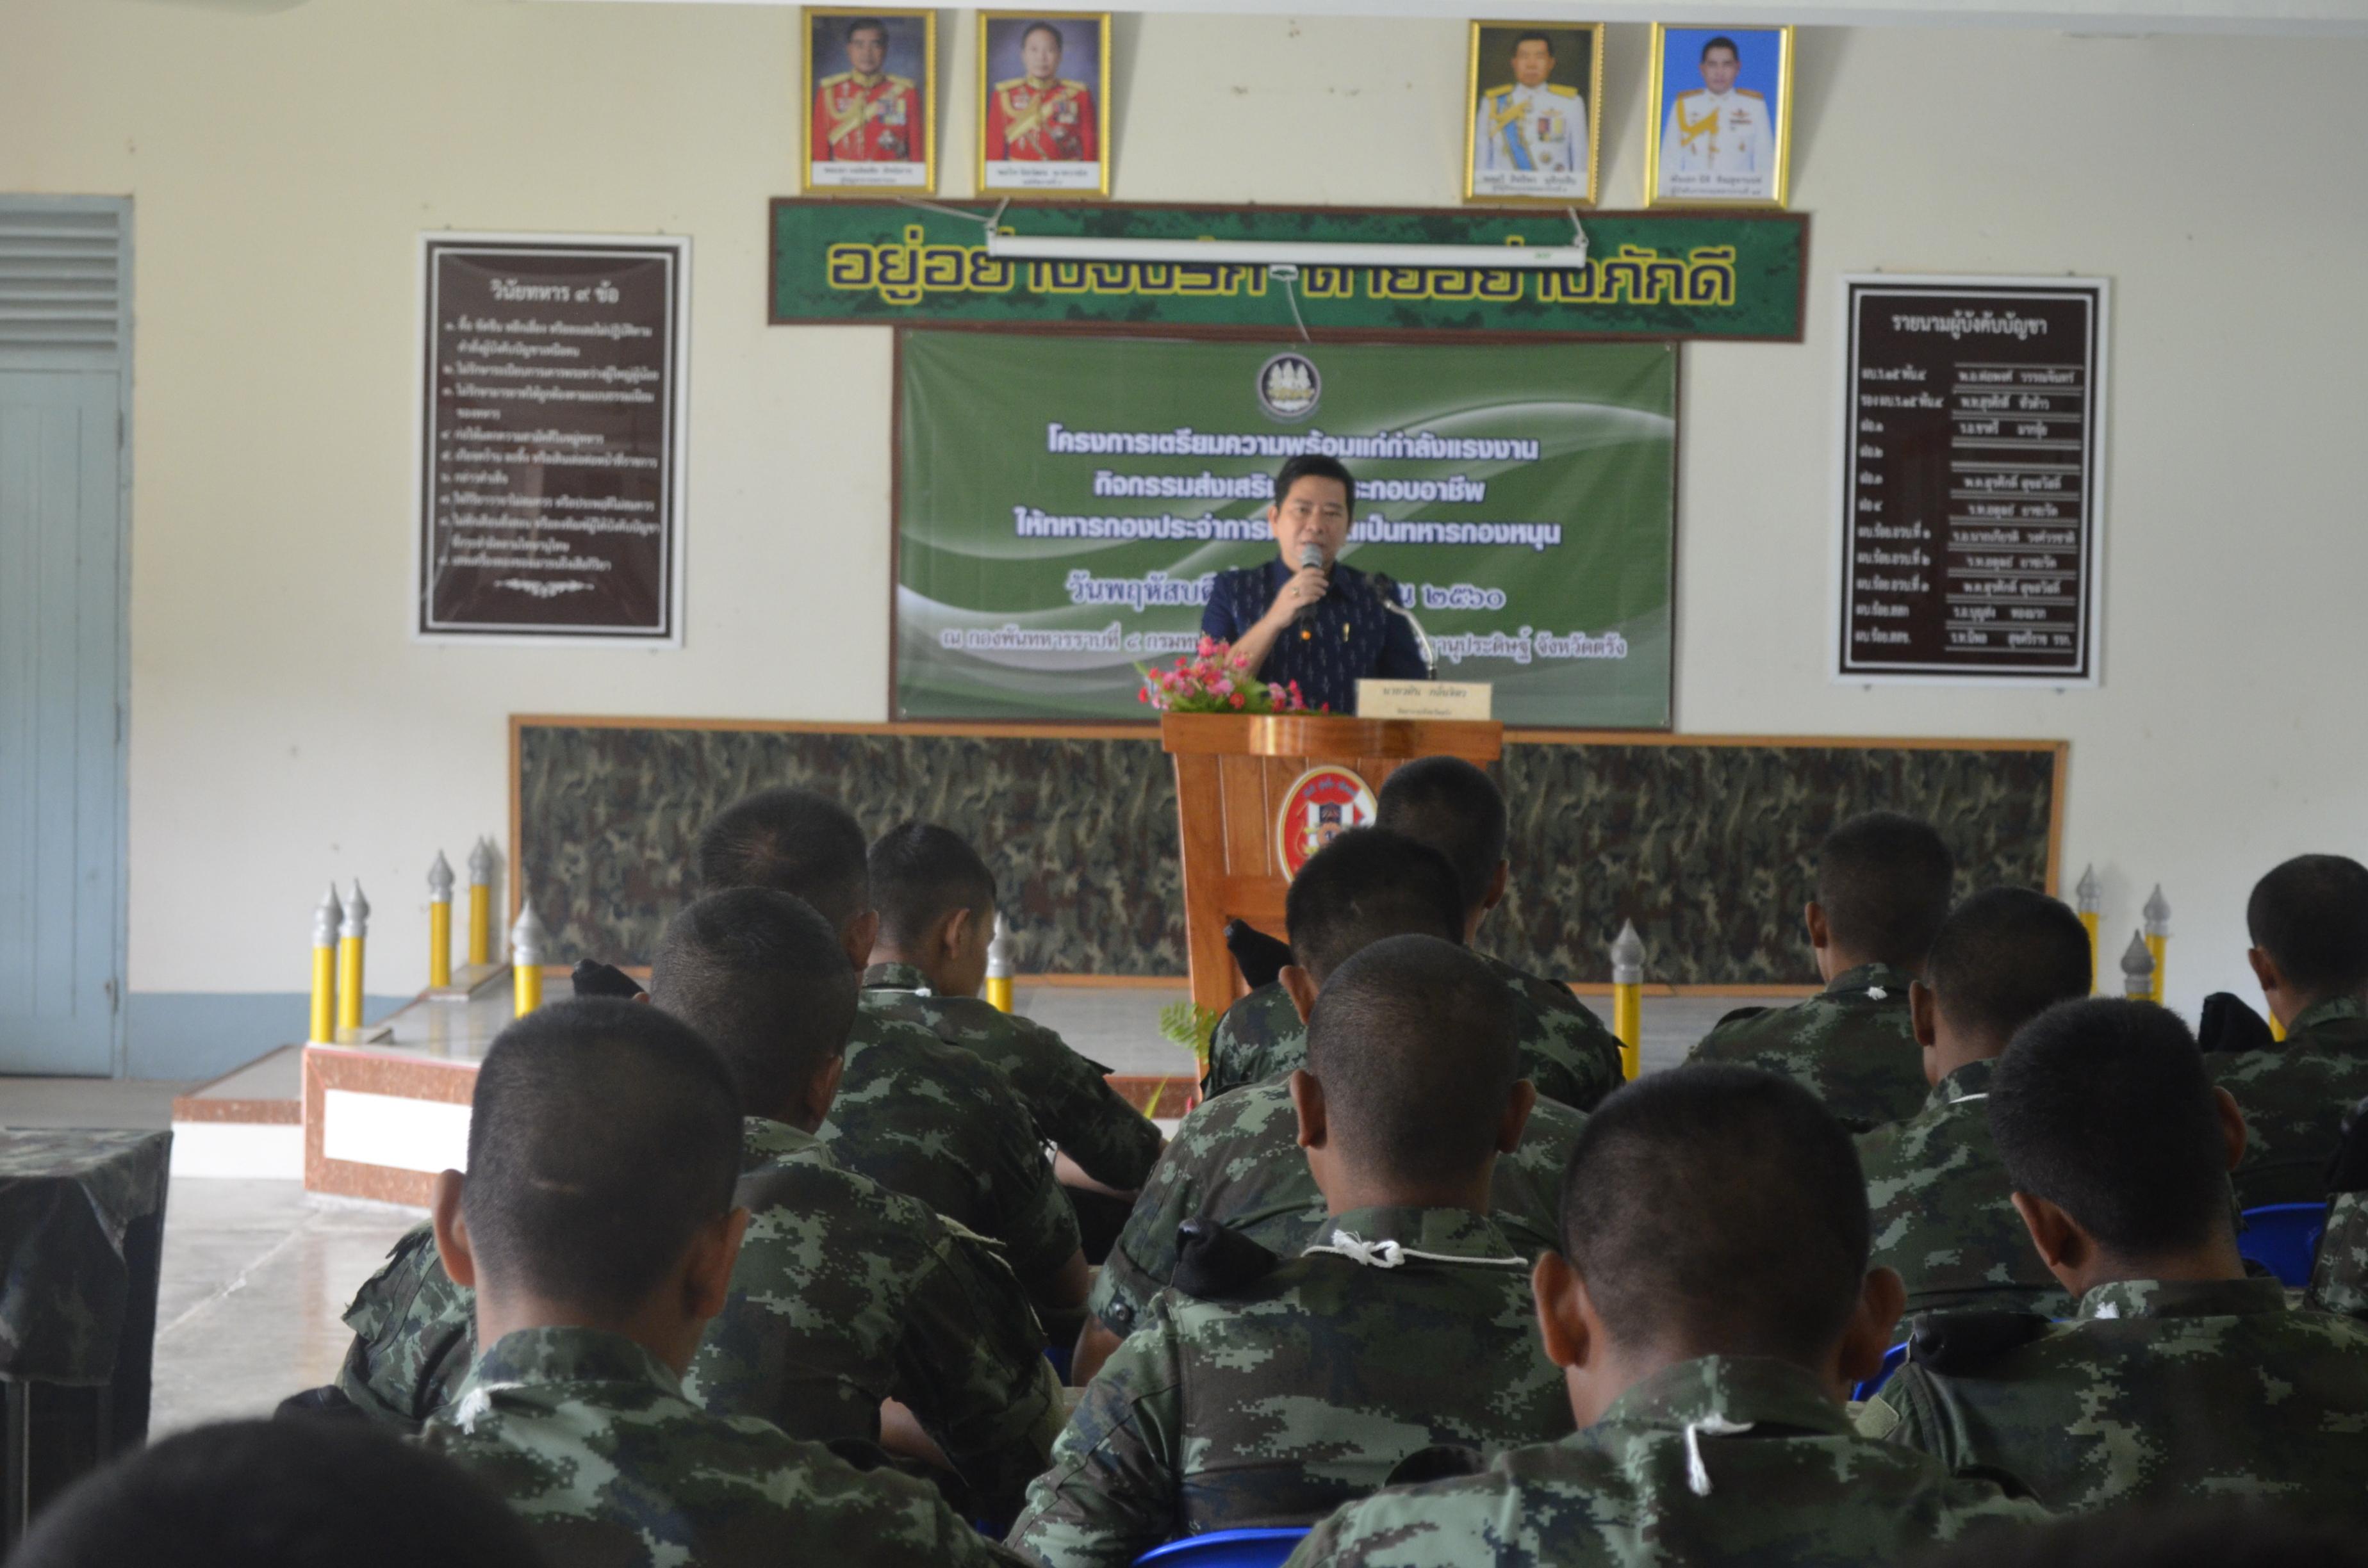 กิจกรรมส่งเสริมการประกอบอาชีพให้ทหารกองประจำการ